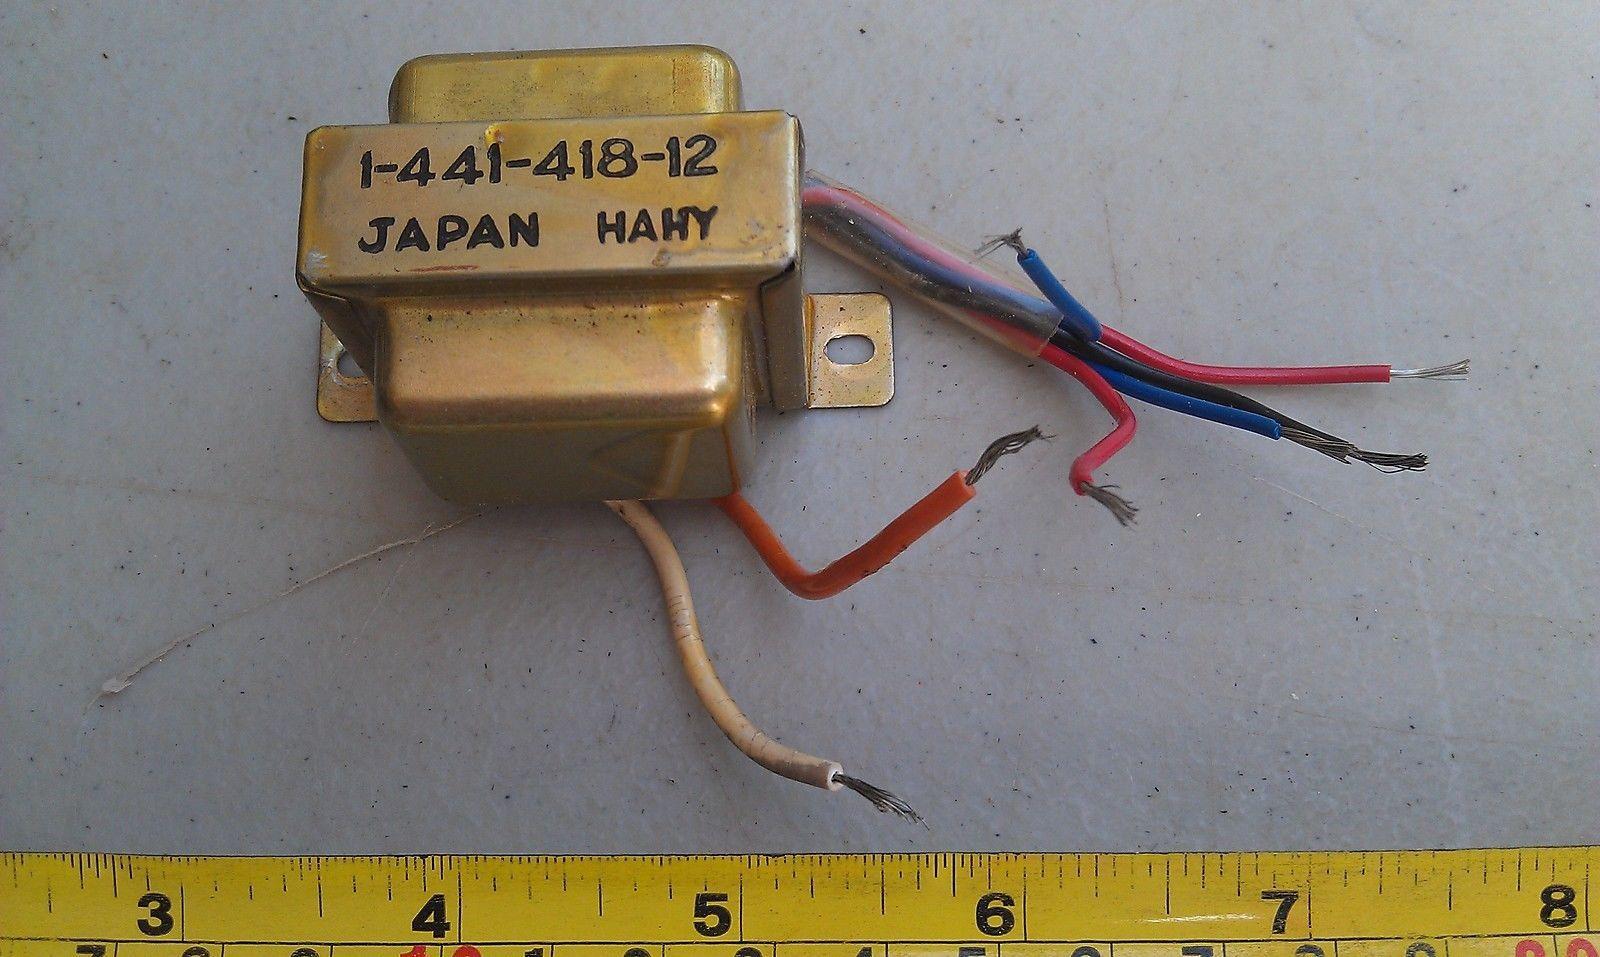 5LL81 POWER SUPPLY, SONY 1-441-418-12: 120VAC --> (5.6 B-B, 11.2 R-R W/ BLK C